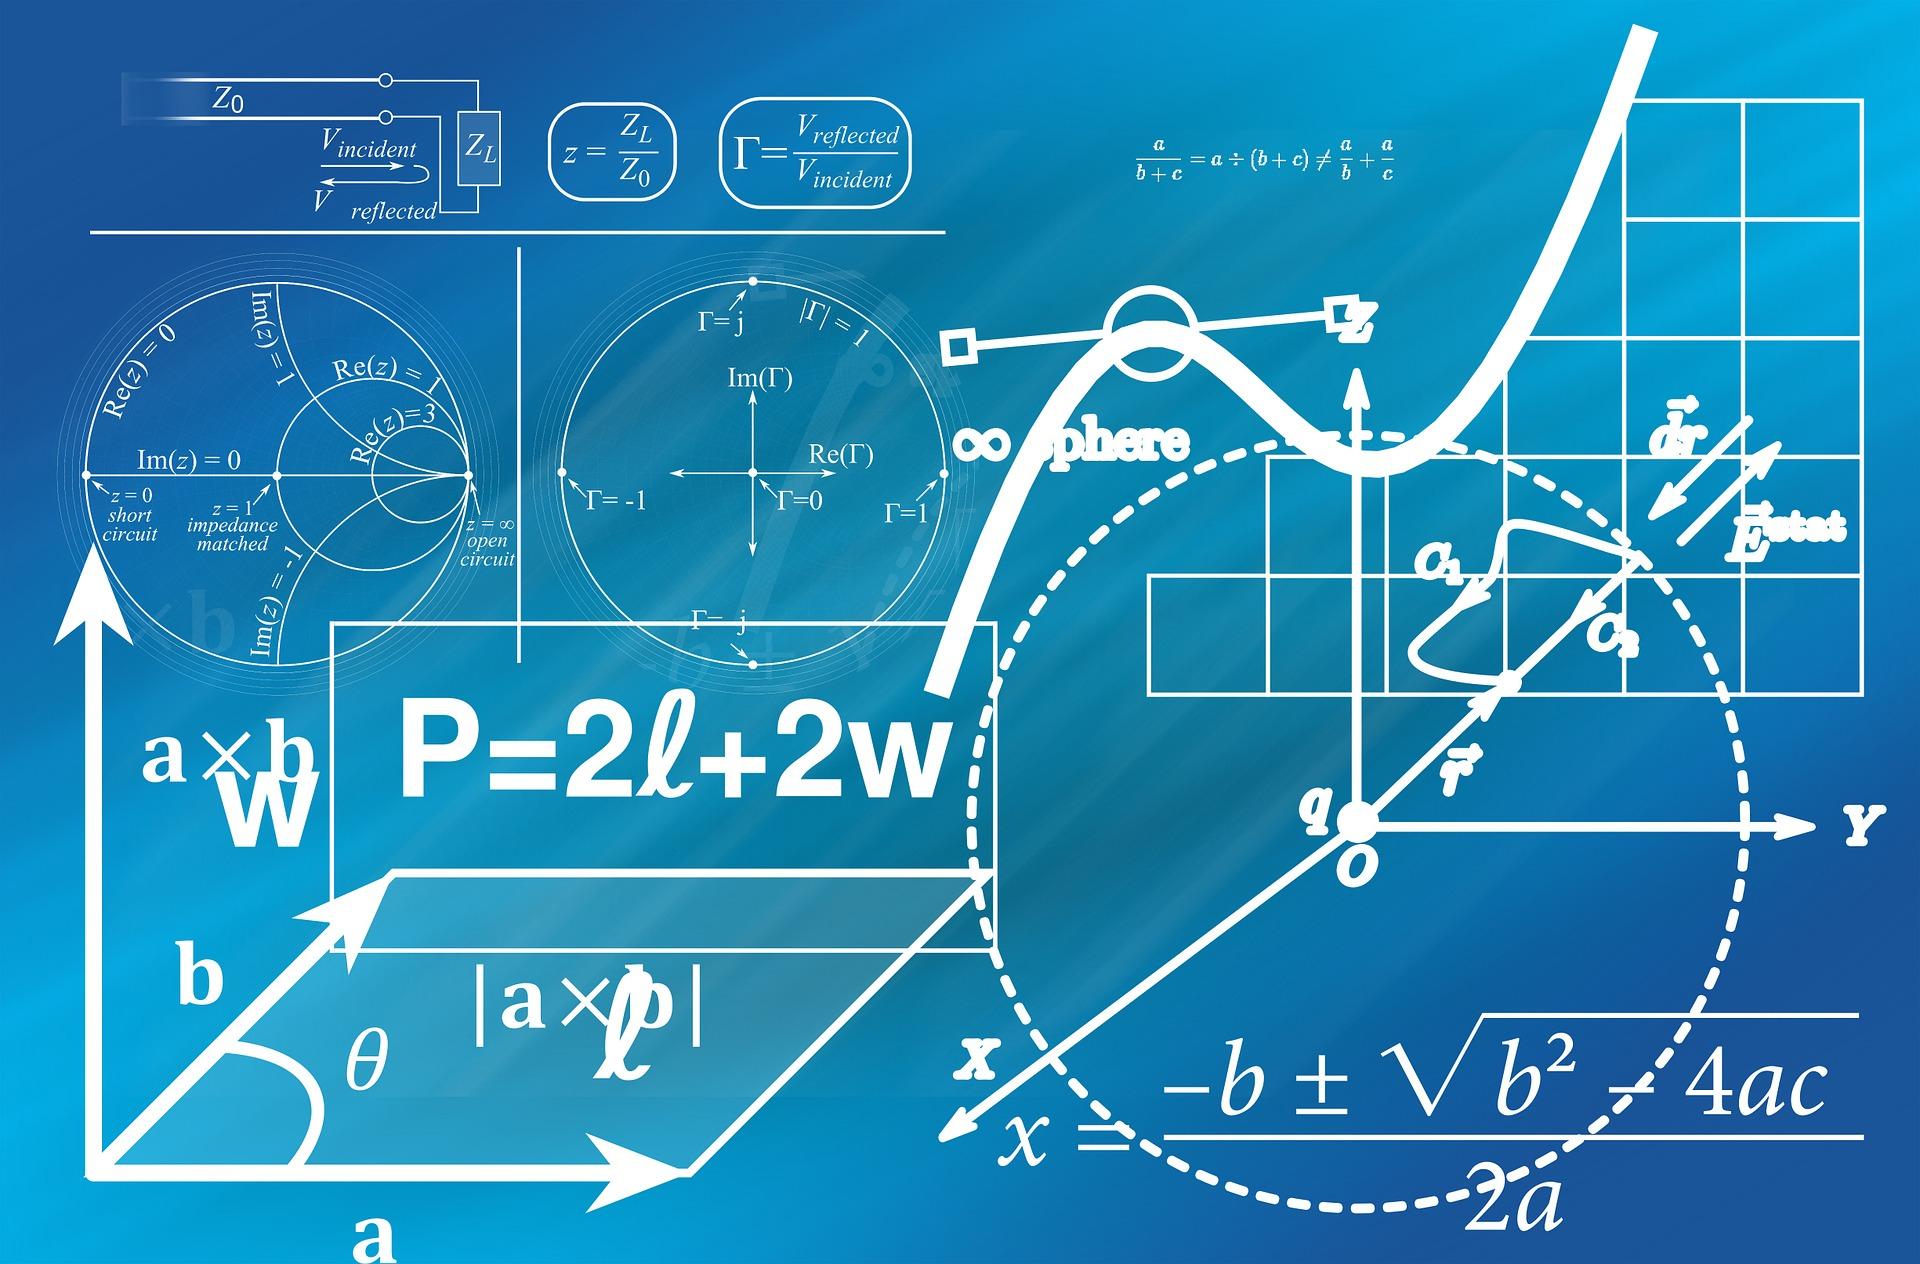 Calcular-ratios-de-endeudamiento Cómo calcular los ratios de endeudamiento